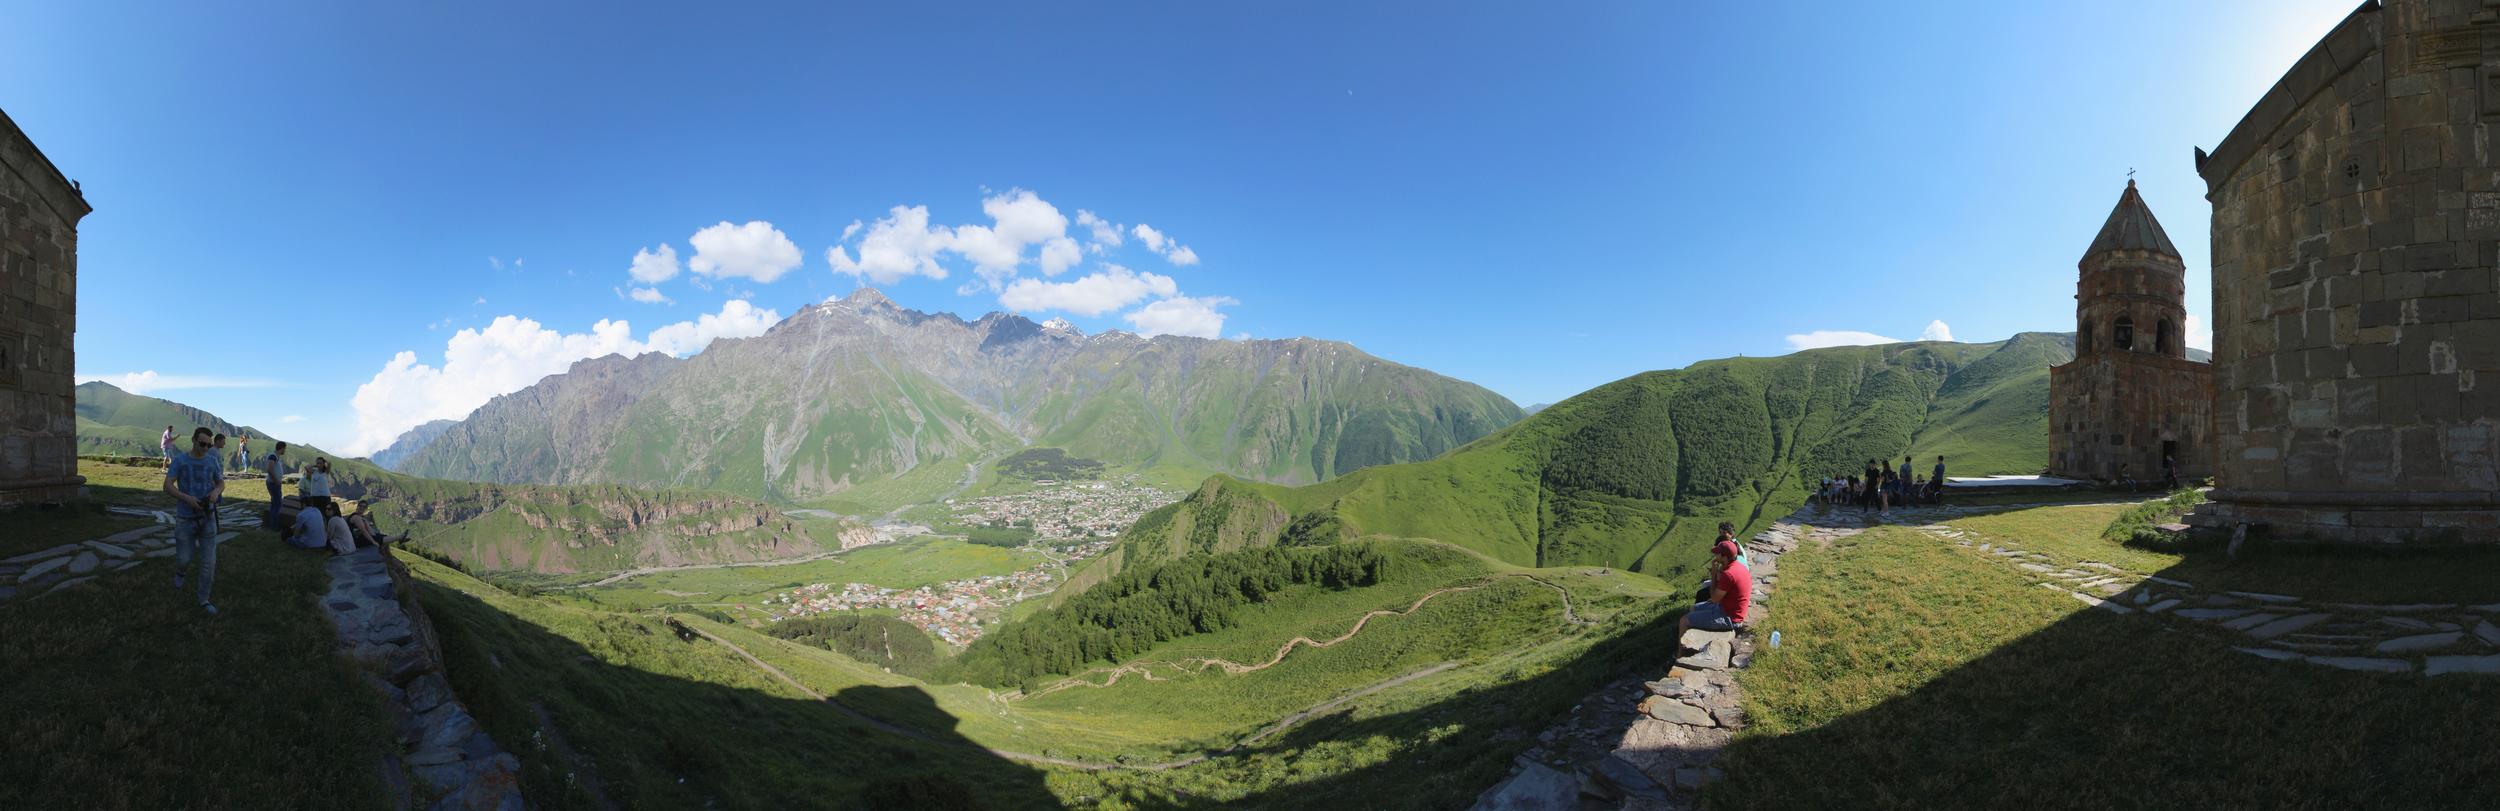 Kazbegi . Panoramic view to Stepantsminda from the Gergeti Trinity Church